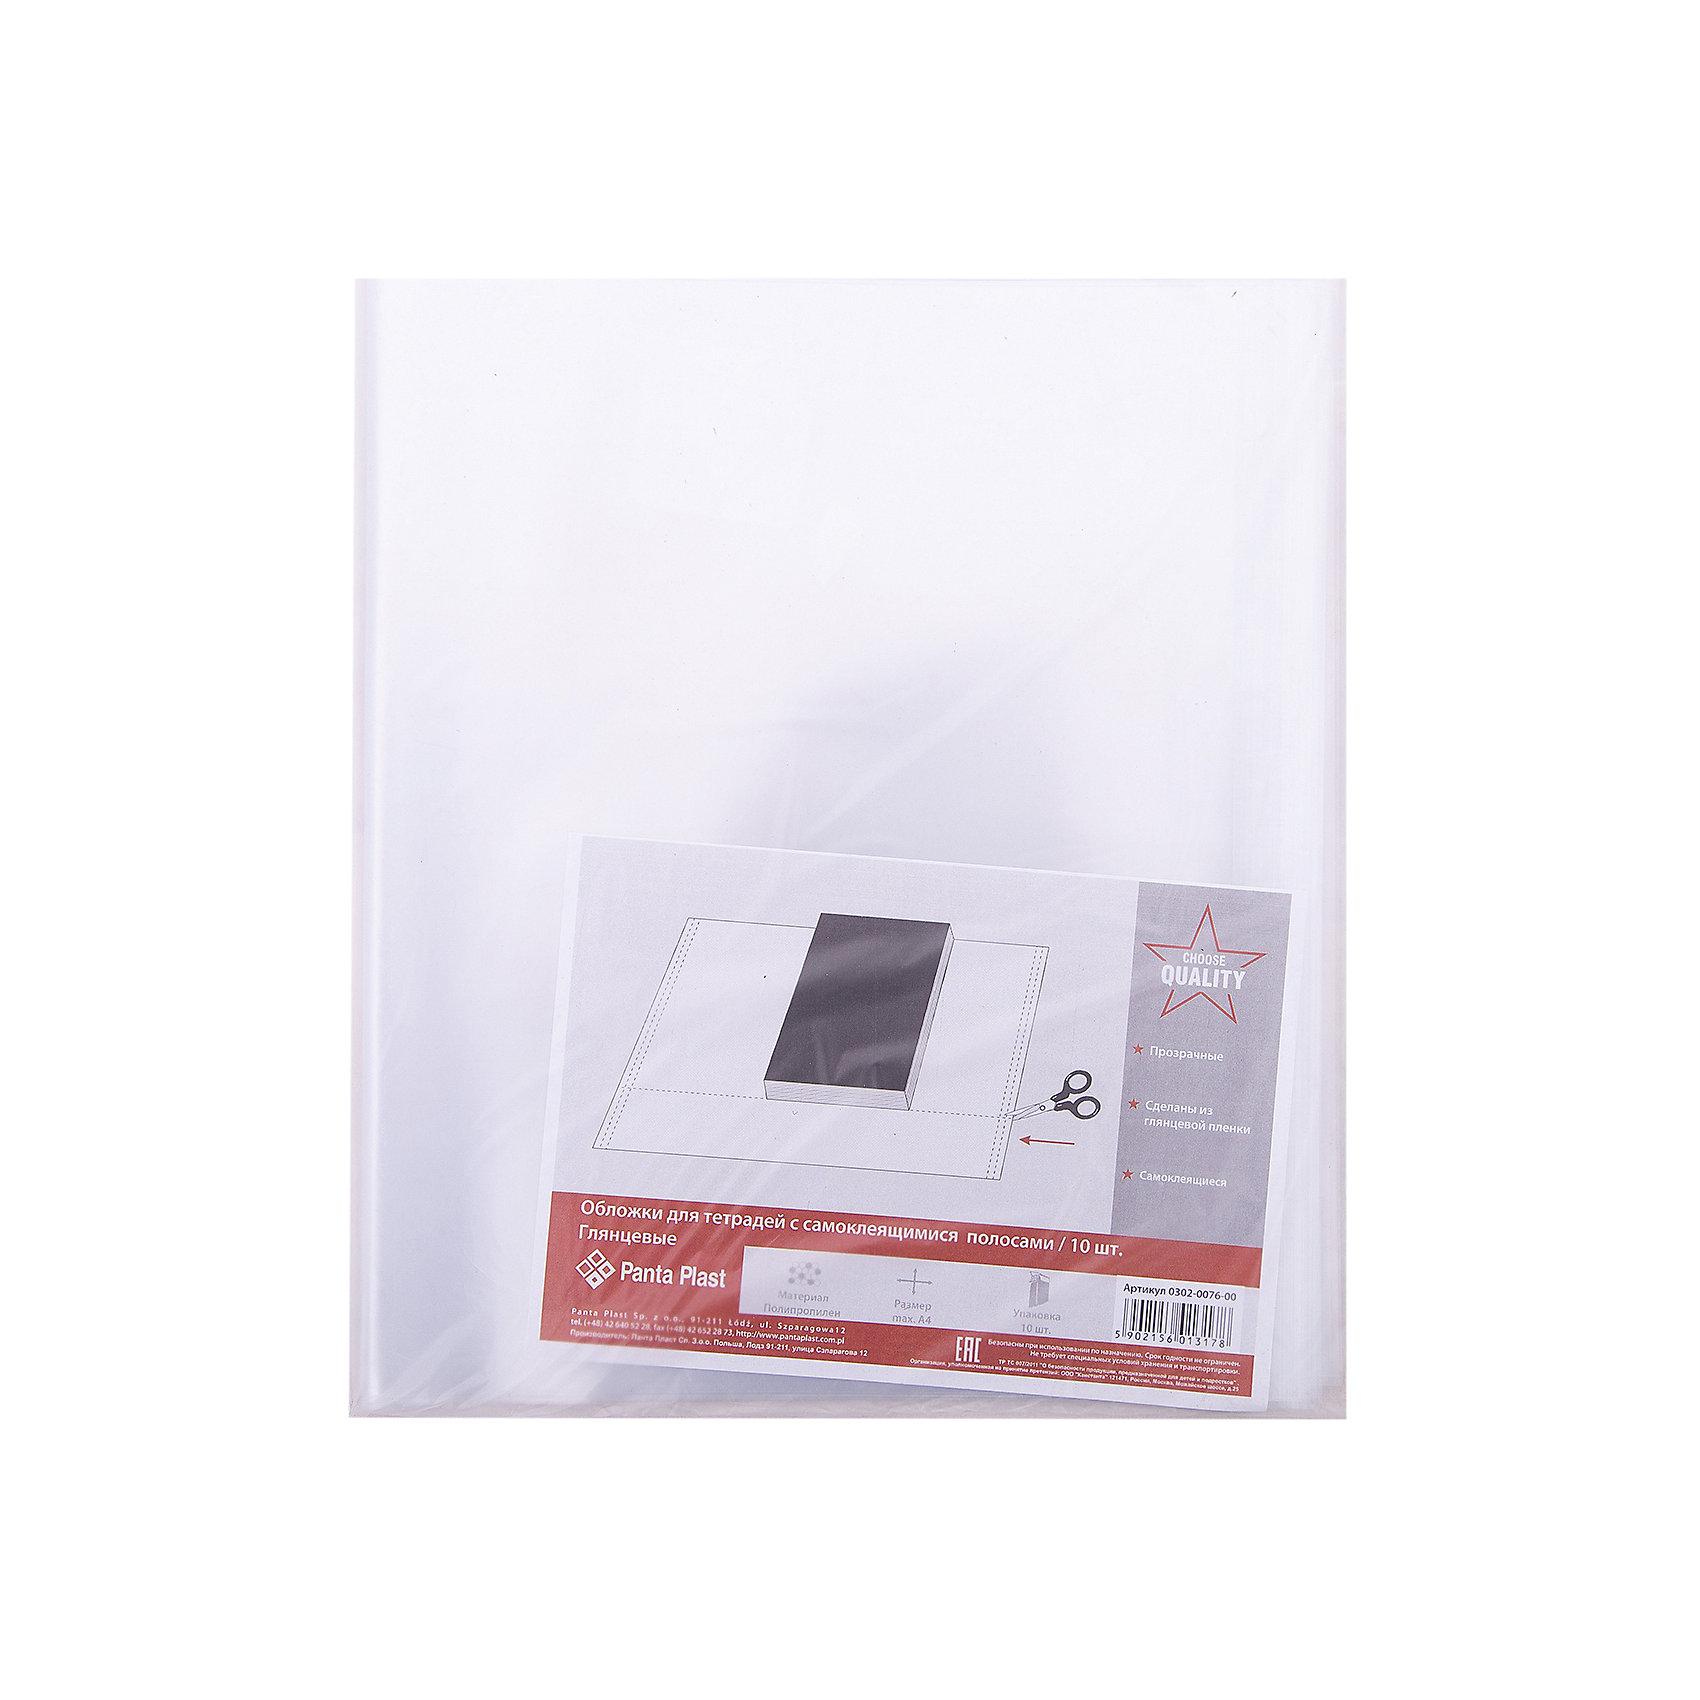 Panta Pkast Набор обложек с самоклеющимися полосами, 10 шт.Школьные аксессуары<br>Характеристики товара:<br><br>• в комплекте: 10 обложек;<br>• размер обложки: 21х29,7 см;<br>• поверхность обложек: глянцевая;<br>• материал: полипропилен;<br>• возраст: от 6 лет;<br>• размер упаковки: 31х55 см;<br>• вес: 110 грамм.<br><br>Обложки сохранят опрятный вид тетрадей и книг, а также защитят их от загрязнений и намокания. В комплект входят 10 обложек из полипропилена с глянцевой поверхностью. Обложки дополнены самоклеящимися полосами.<br><br>Panta Plast (Панта Пласт) Набор обложек с самоклеящимися полосами, 10 шт. можно купить в нашем интернет-магазине.<br><br>Ширина мм: 550<br>Глубина мм: 310<br>Высота мм: 9999<br>Вес г: 110<br>Возраст от месяцев: 84<br>Возраст до месяцев: 156<br>Пол: Унисекс<br>Возраст: Детский<br>SKU: 6858978